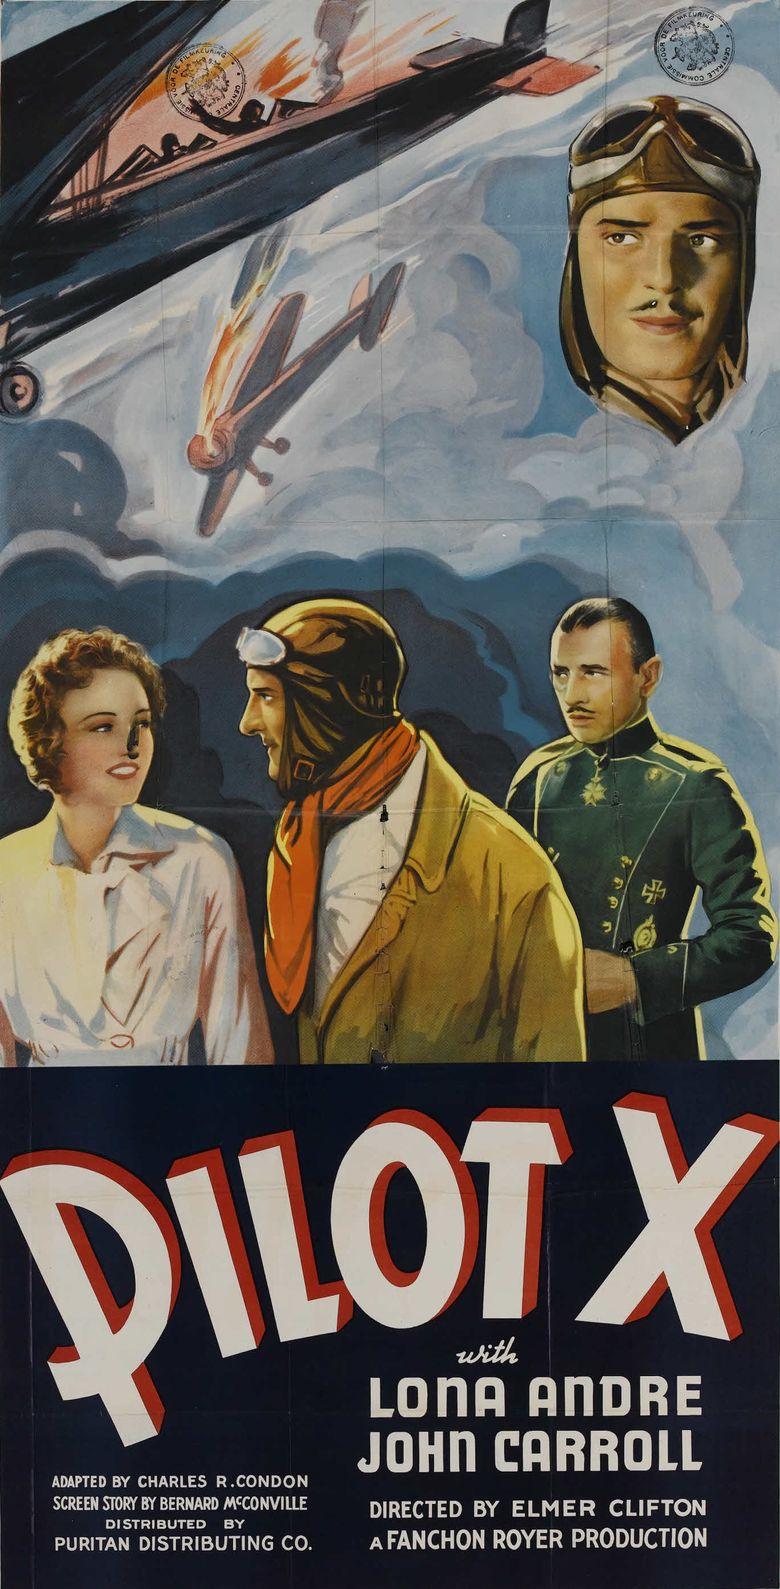 Pilot X Poster